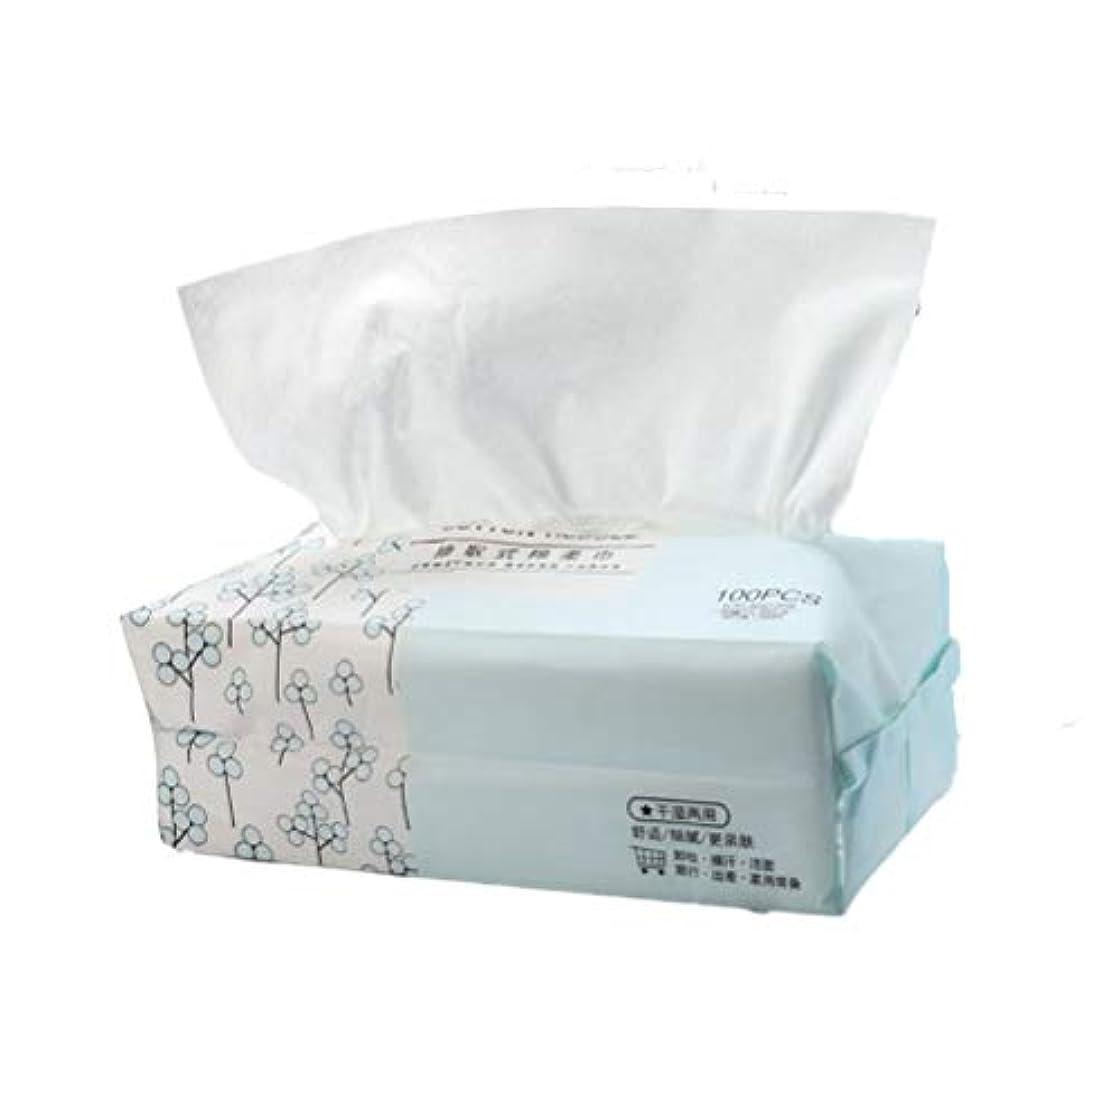 接続性格インペリアルLurrose 化粧品の綿のパッドを洗うための100個の使い捨てタオルは、フェイスタオルを拭く拭き取りを構成します